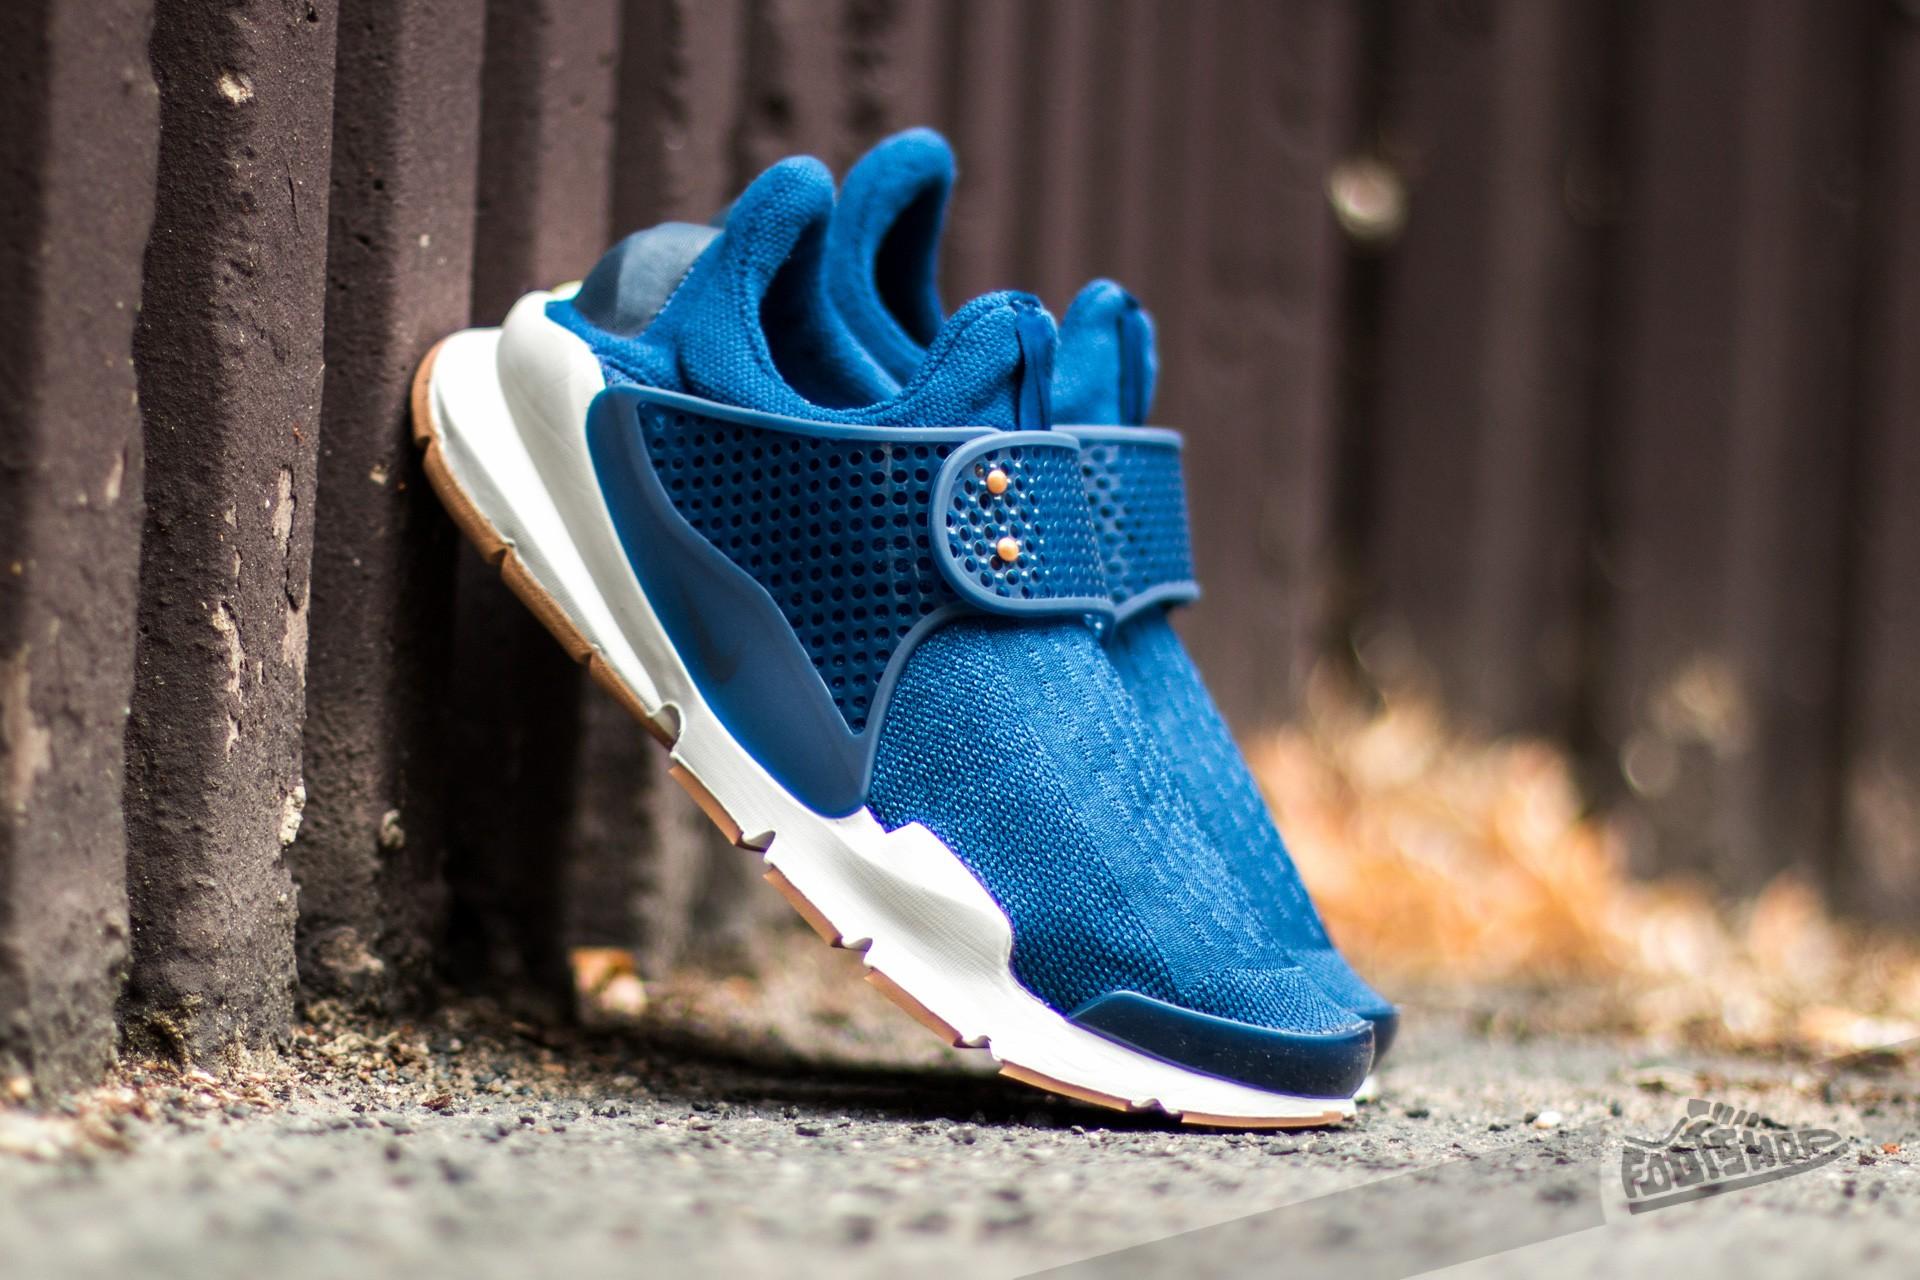 Nike Wmns Sock Dart Coastal Blue/ Obsidian-Obsidian-Sail